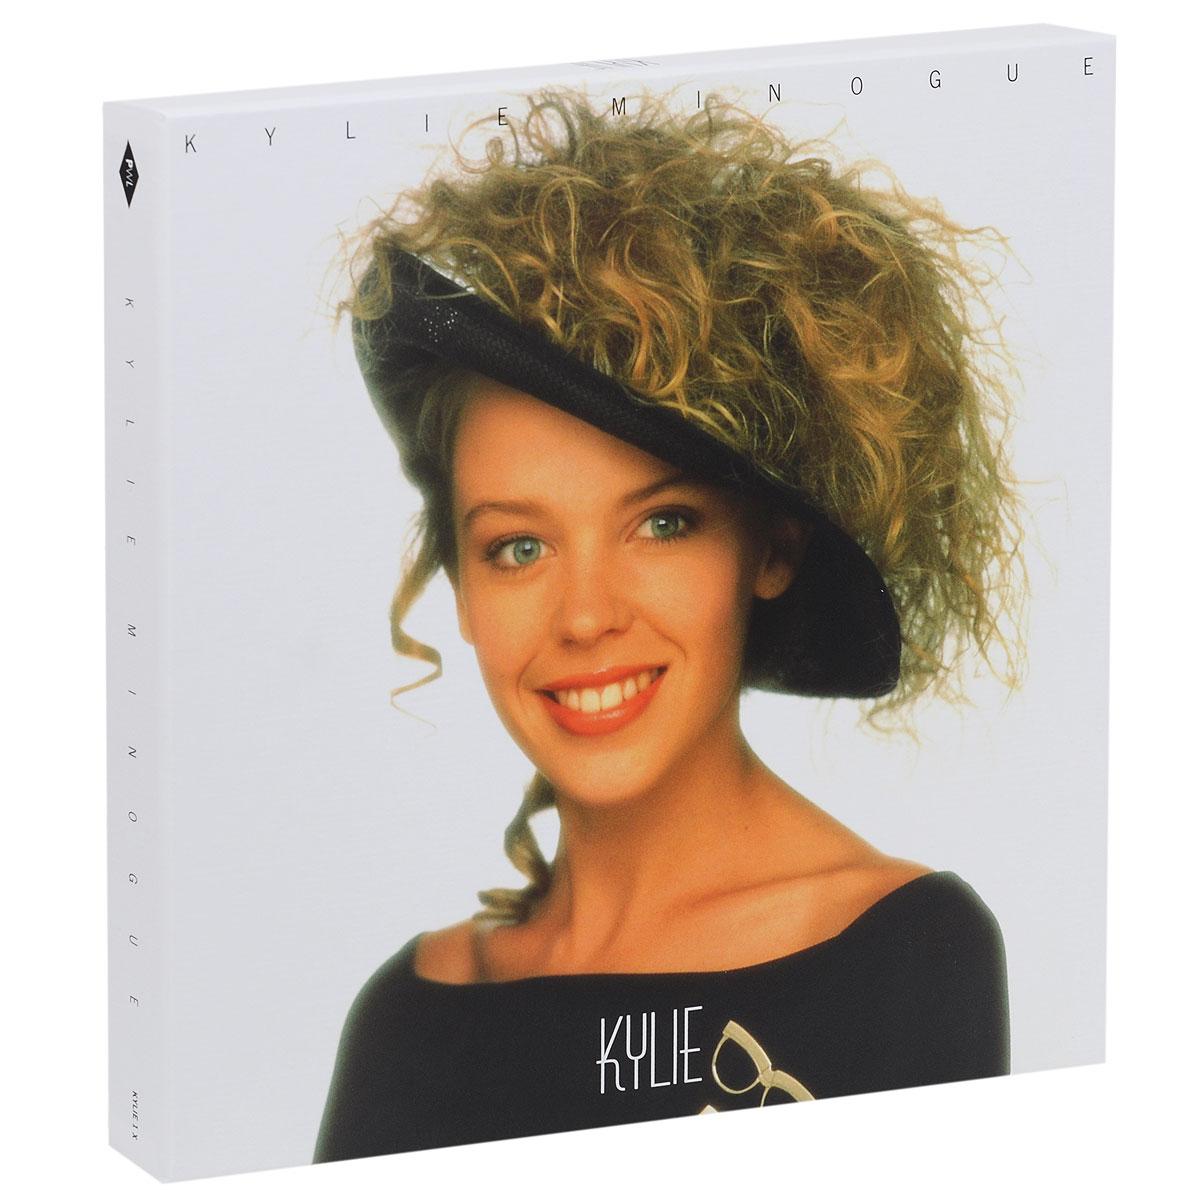 Kylie Minogue. Kylie (2 CD + DVD + LP)